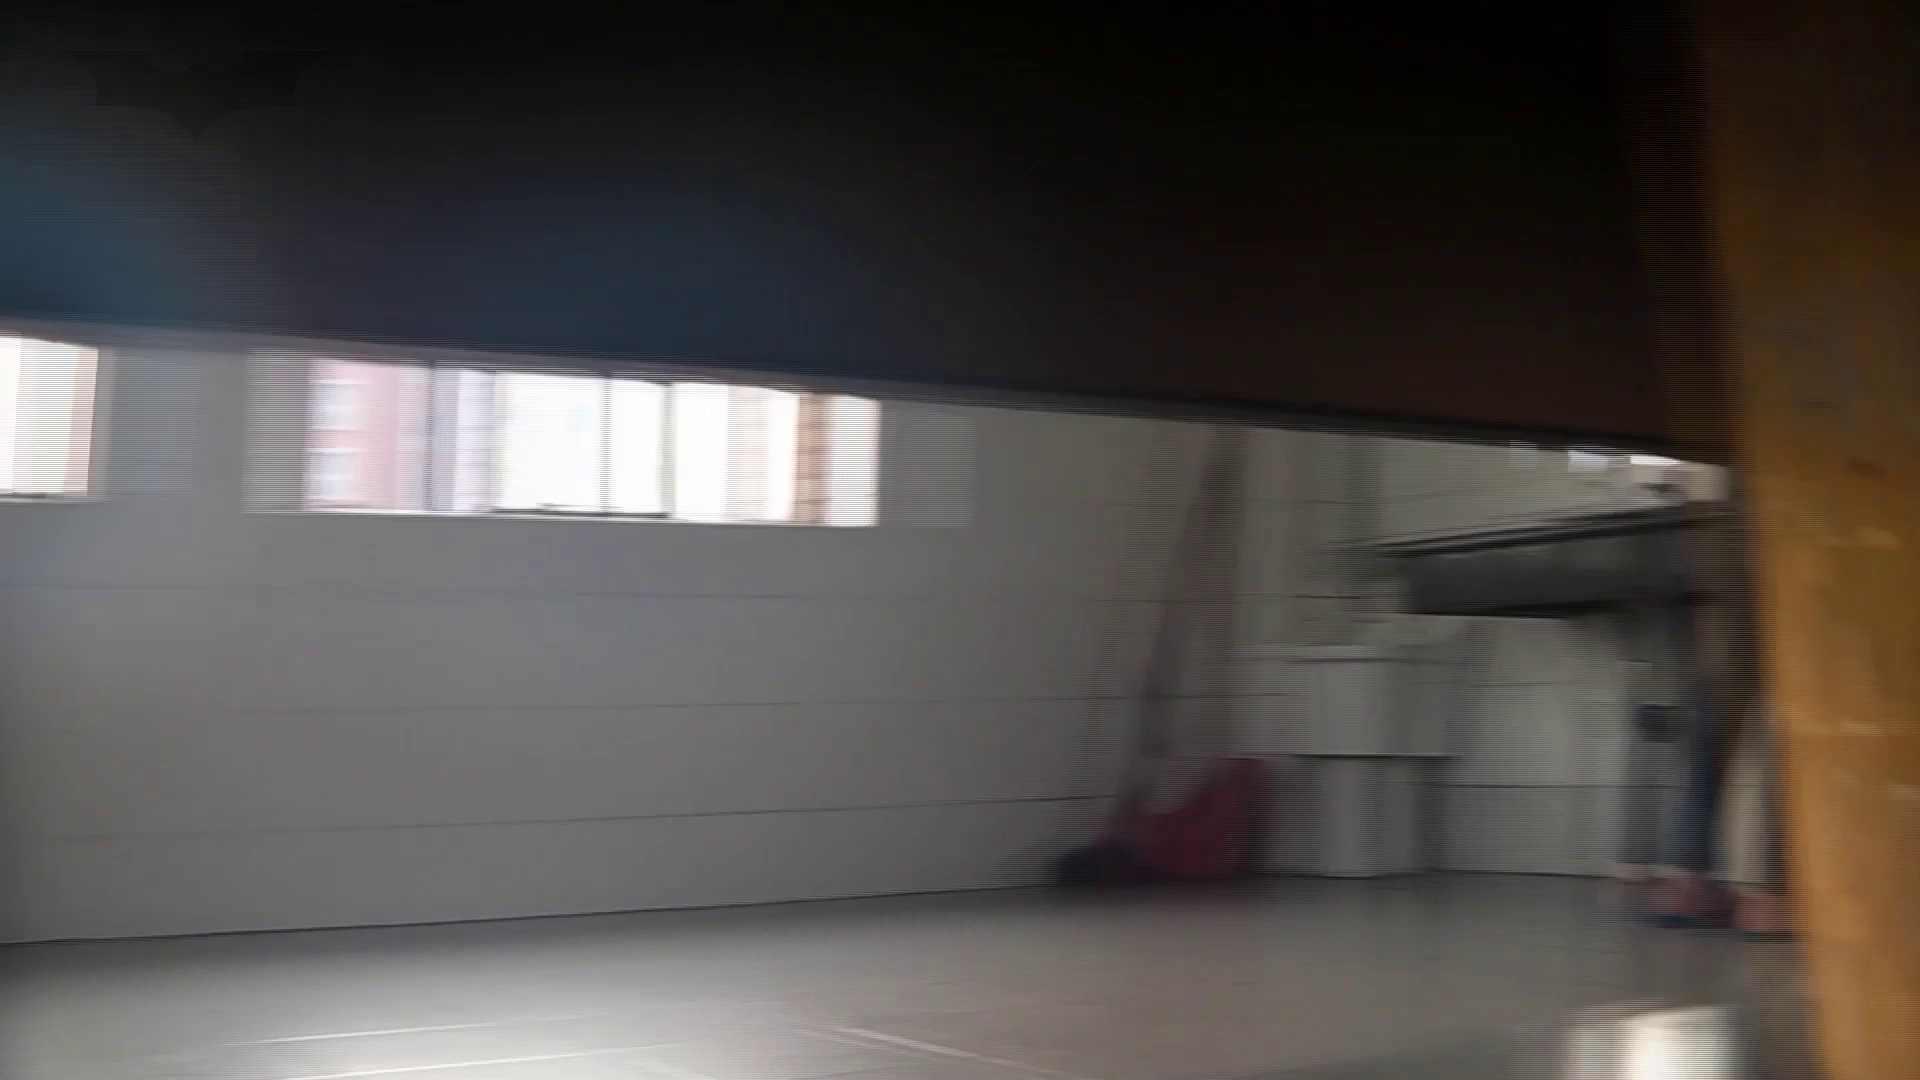 無修正おまんこ動画|潜入!!台湾名門女学院 Vol.06 夕日に照らされる マンコ01|怪盗ジョーカー